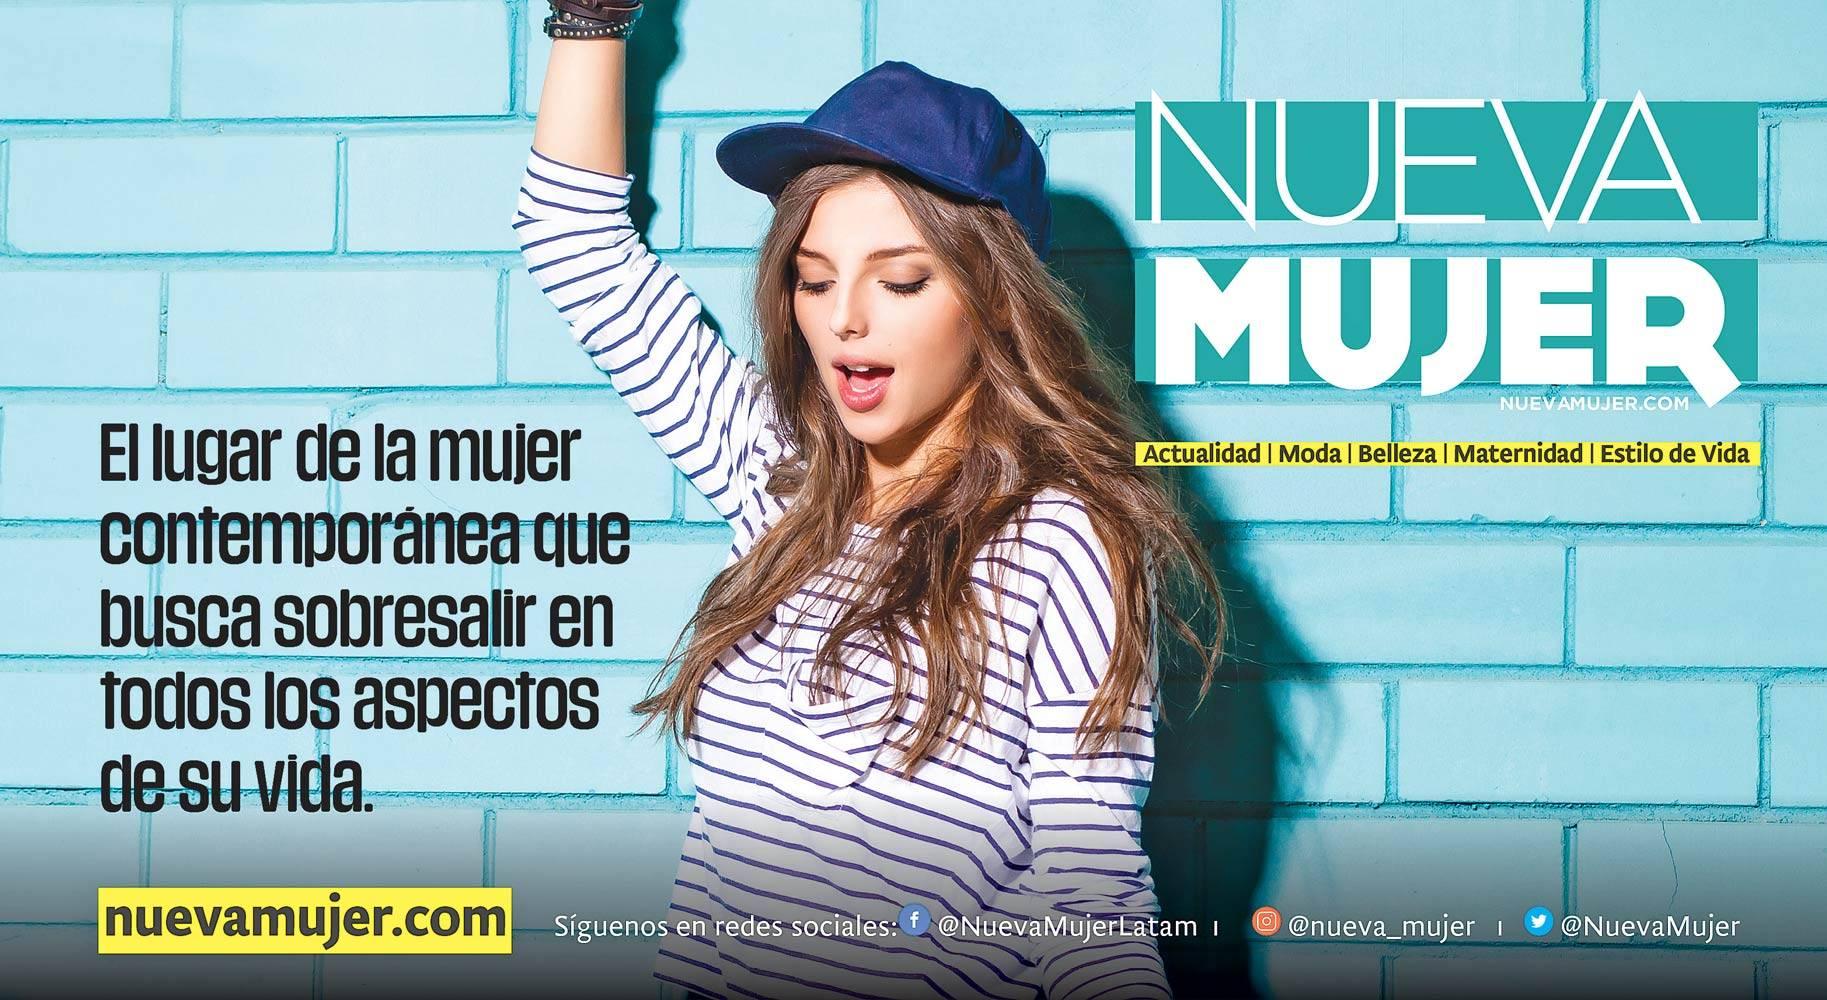 Anuncio Nueva Mujer edición CDMX del 30 de Octubre del 2020, Página 15